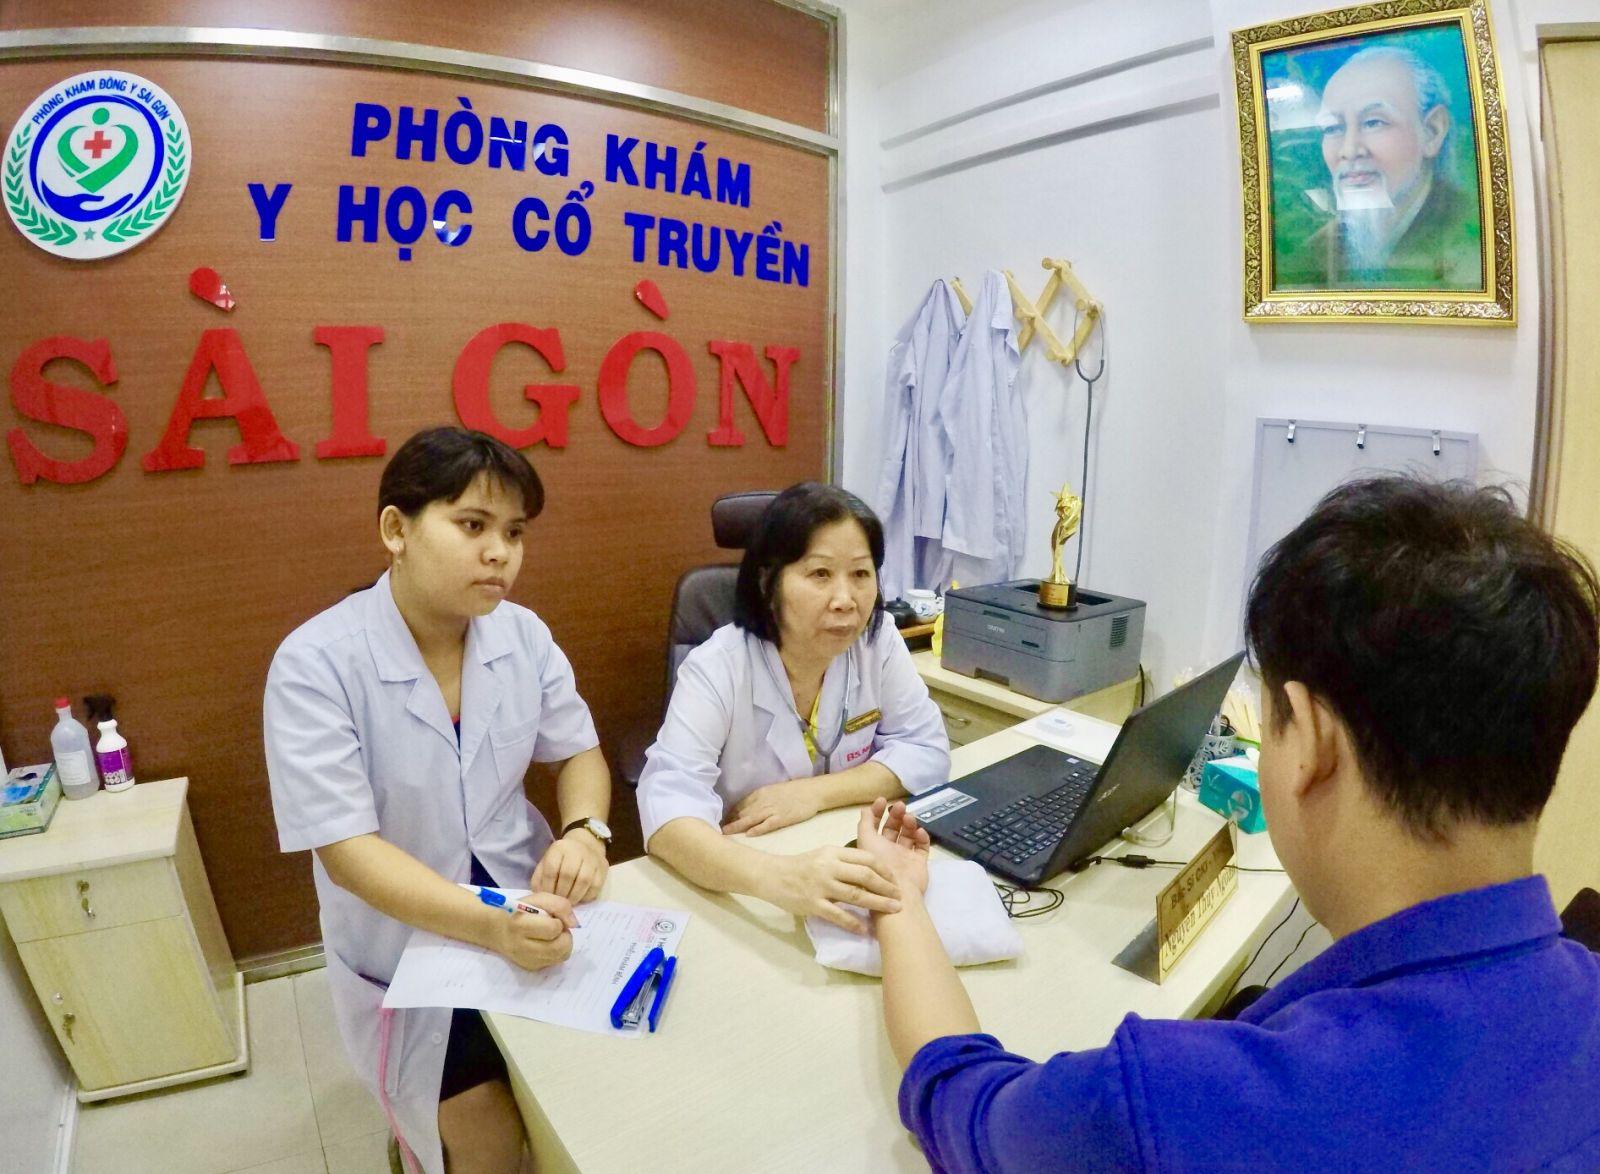 Bác sĩ nguyễn thùy ngoan khám chữa bệnh tại phòng khám đông y sài gòn